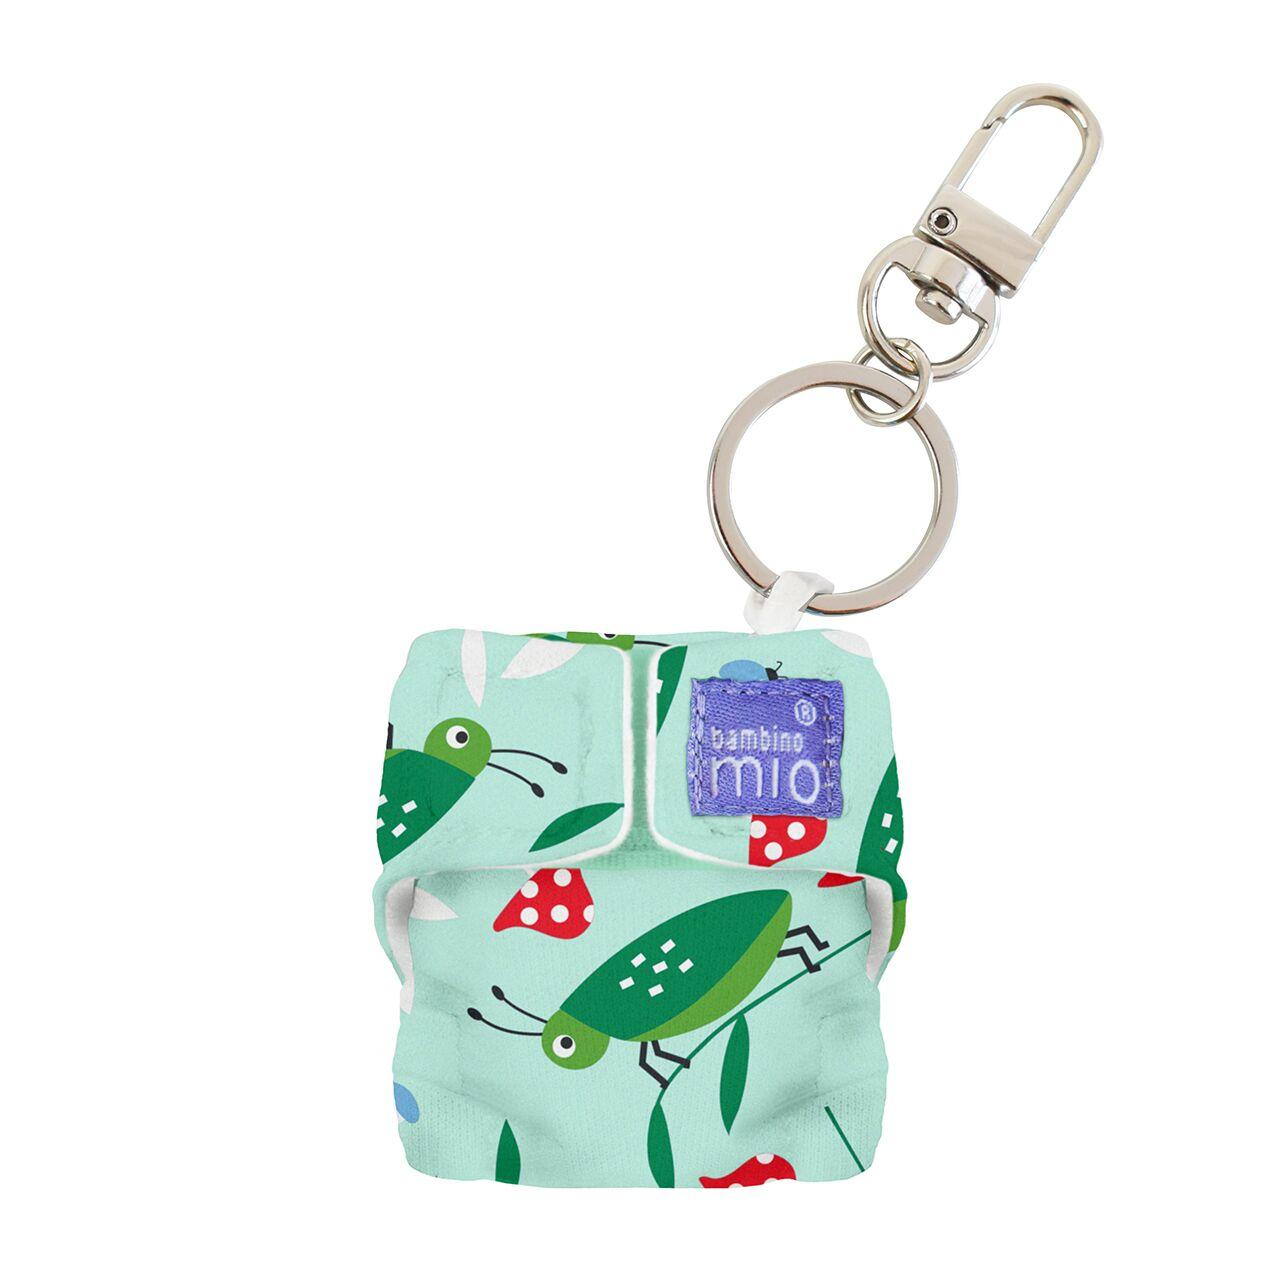 Kľúčenka Minisolo Bambino Mio, Happy Hopper